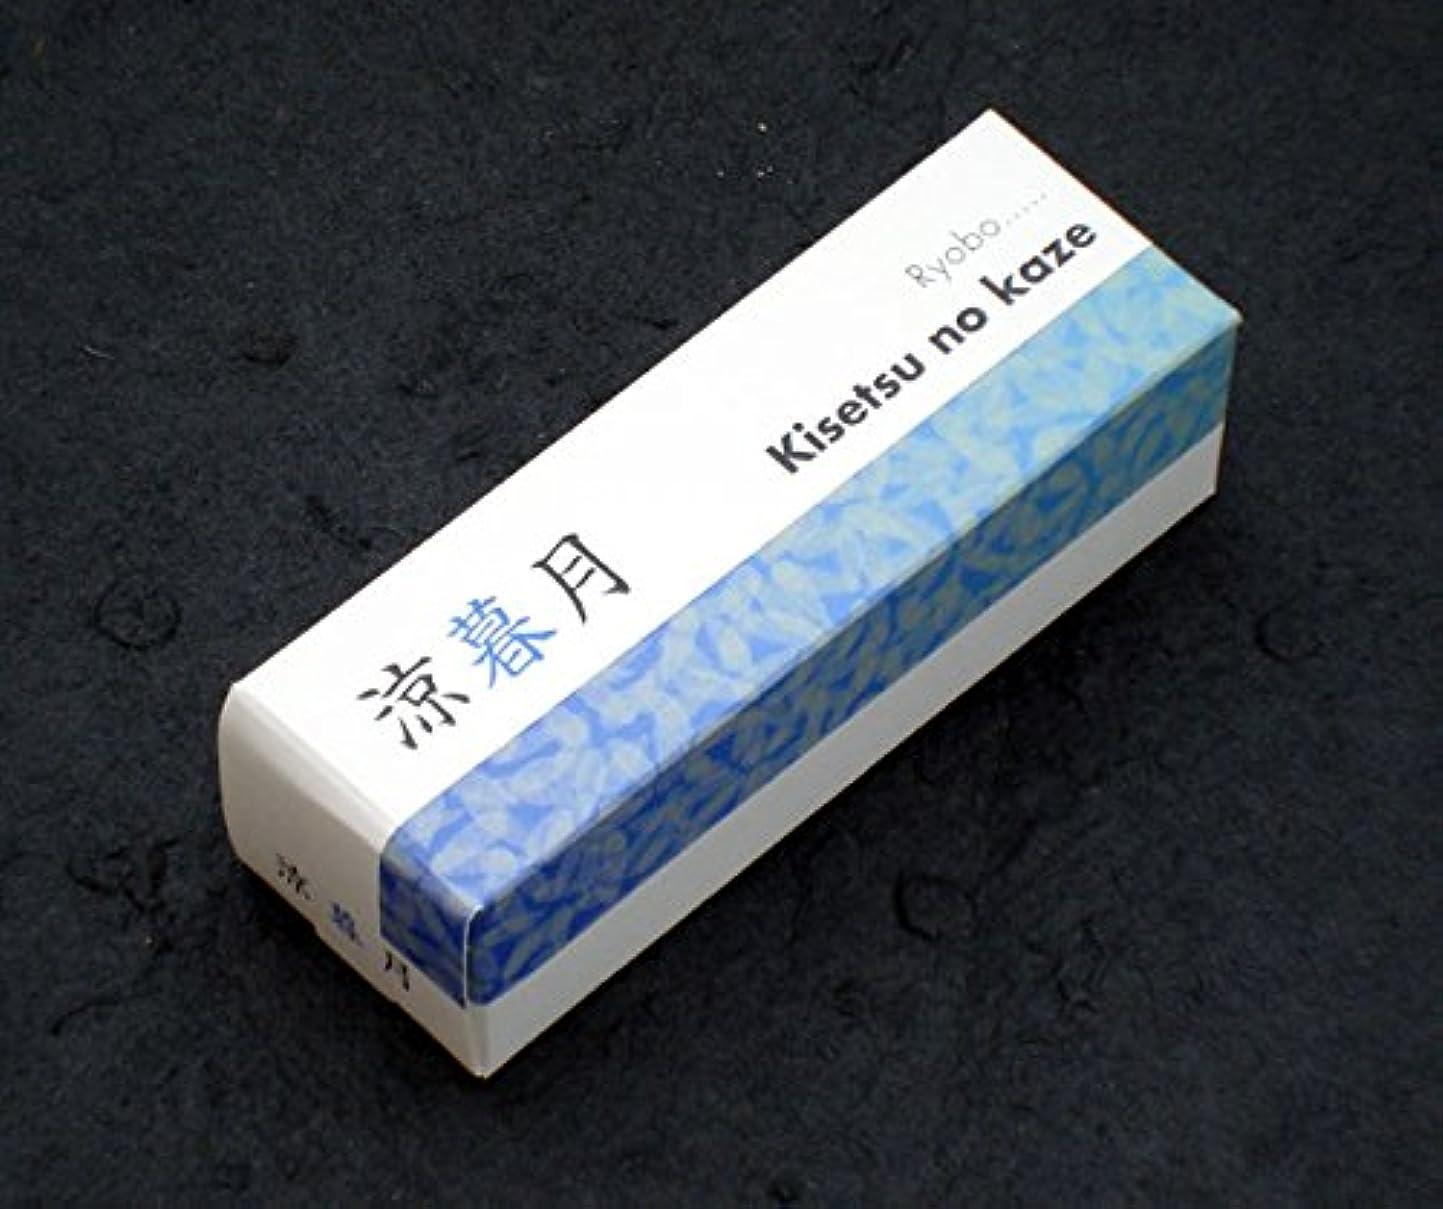 感覚ヒール有益季節の風 涼暮月(りょうぼづき)【松栄堂】 【お香】